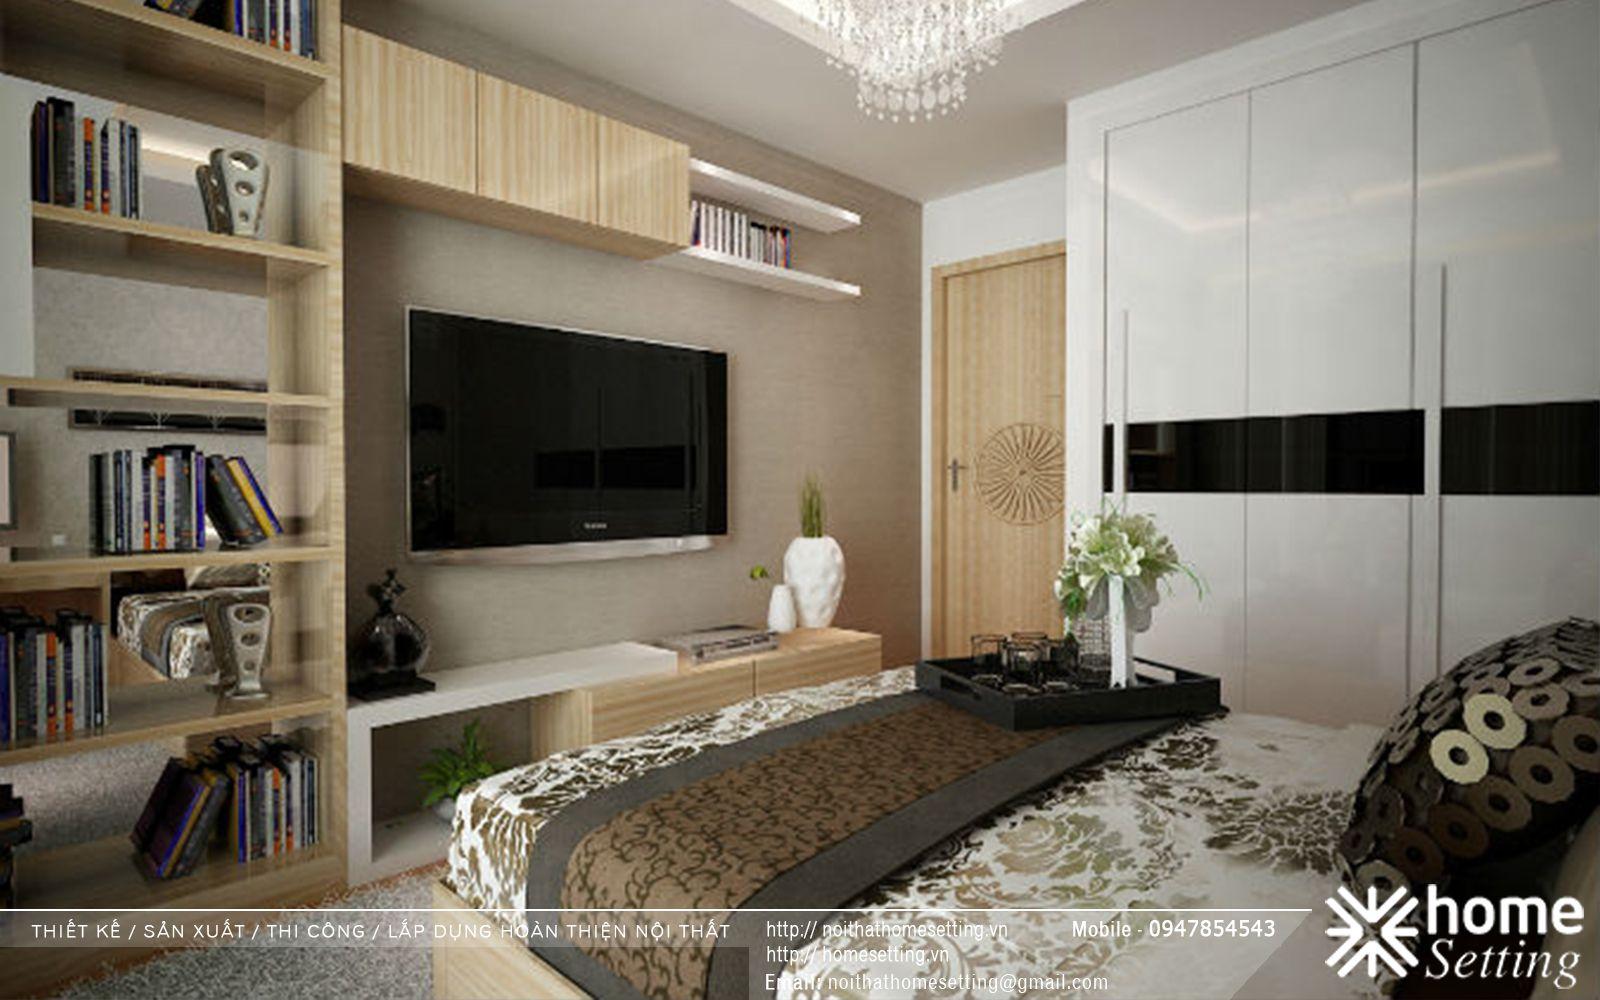 Thiết kế nội thất chung cư Ecolife Capitol tòa tháp A1 căn 01